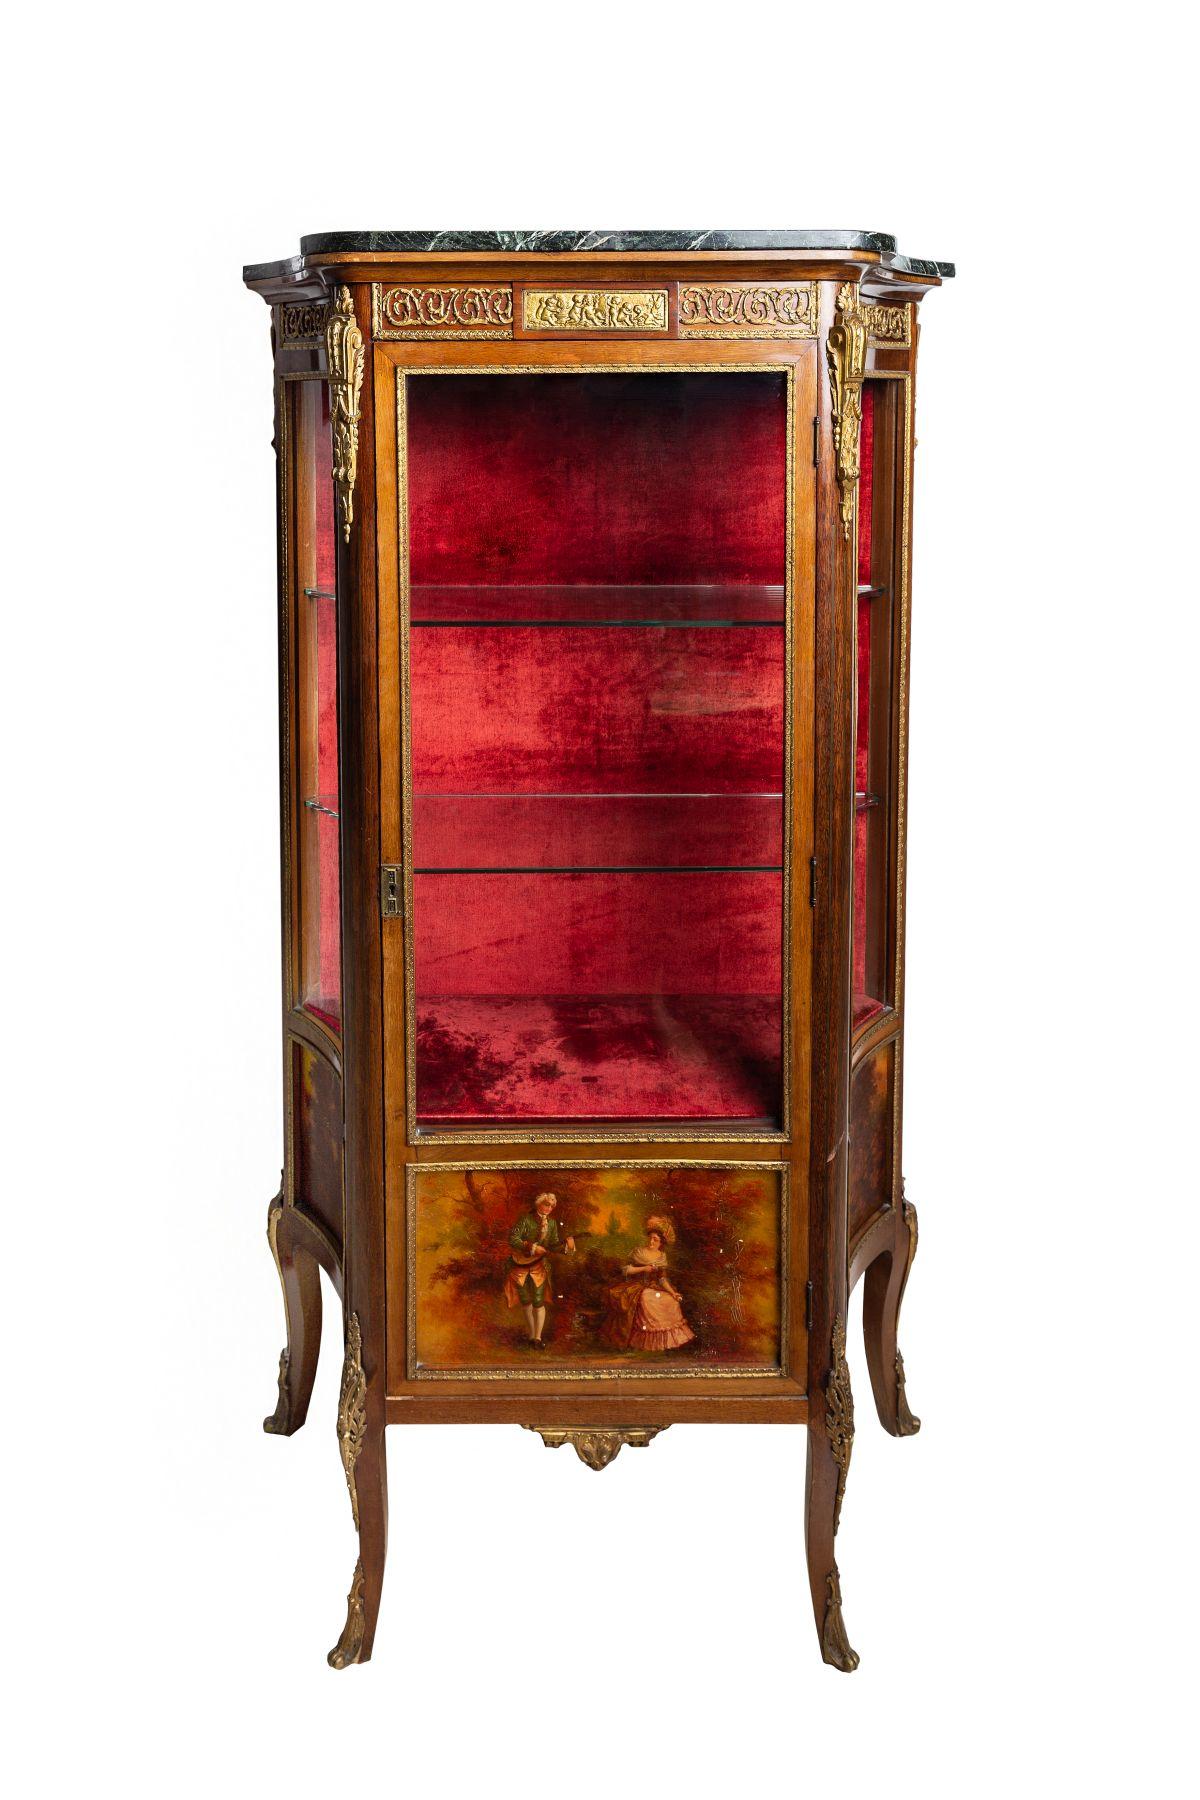 #19 French Style Glass Display Cabinet | Glasvitrine im Französischen Stil Image